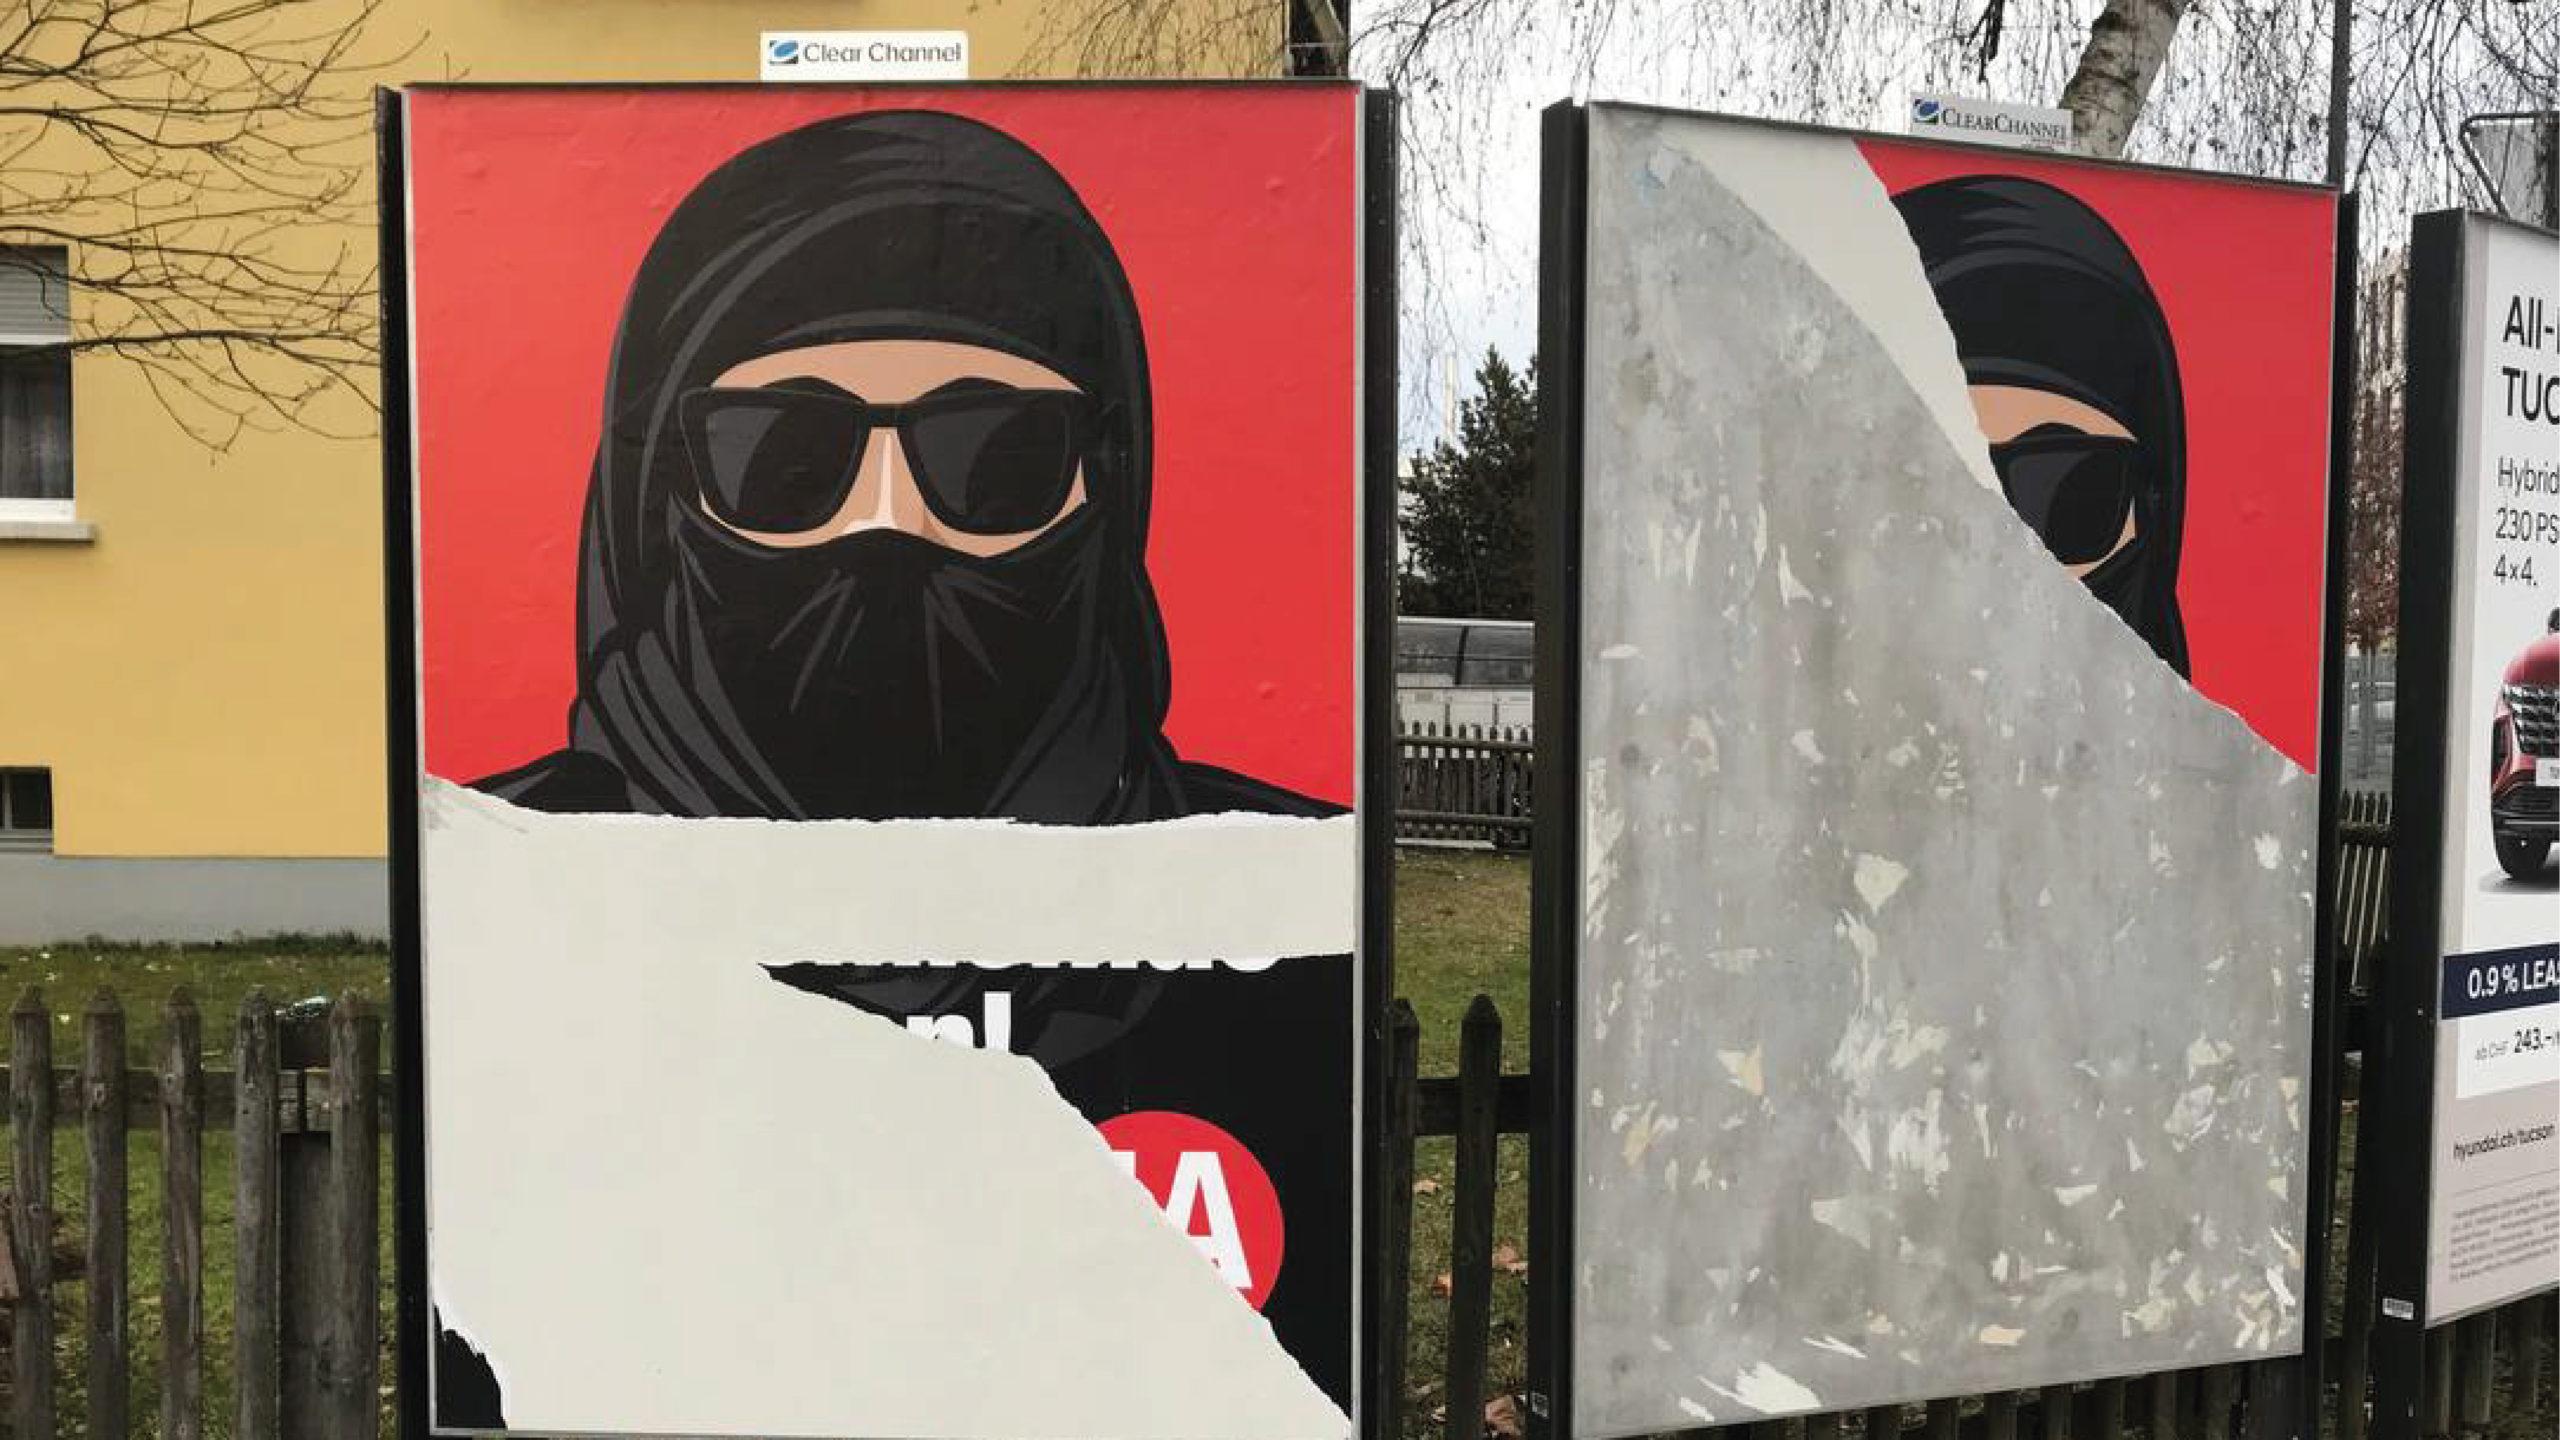 Cubrirse todo el rostro estará prohibido en Suiza